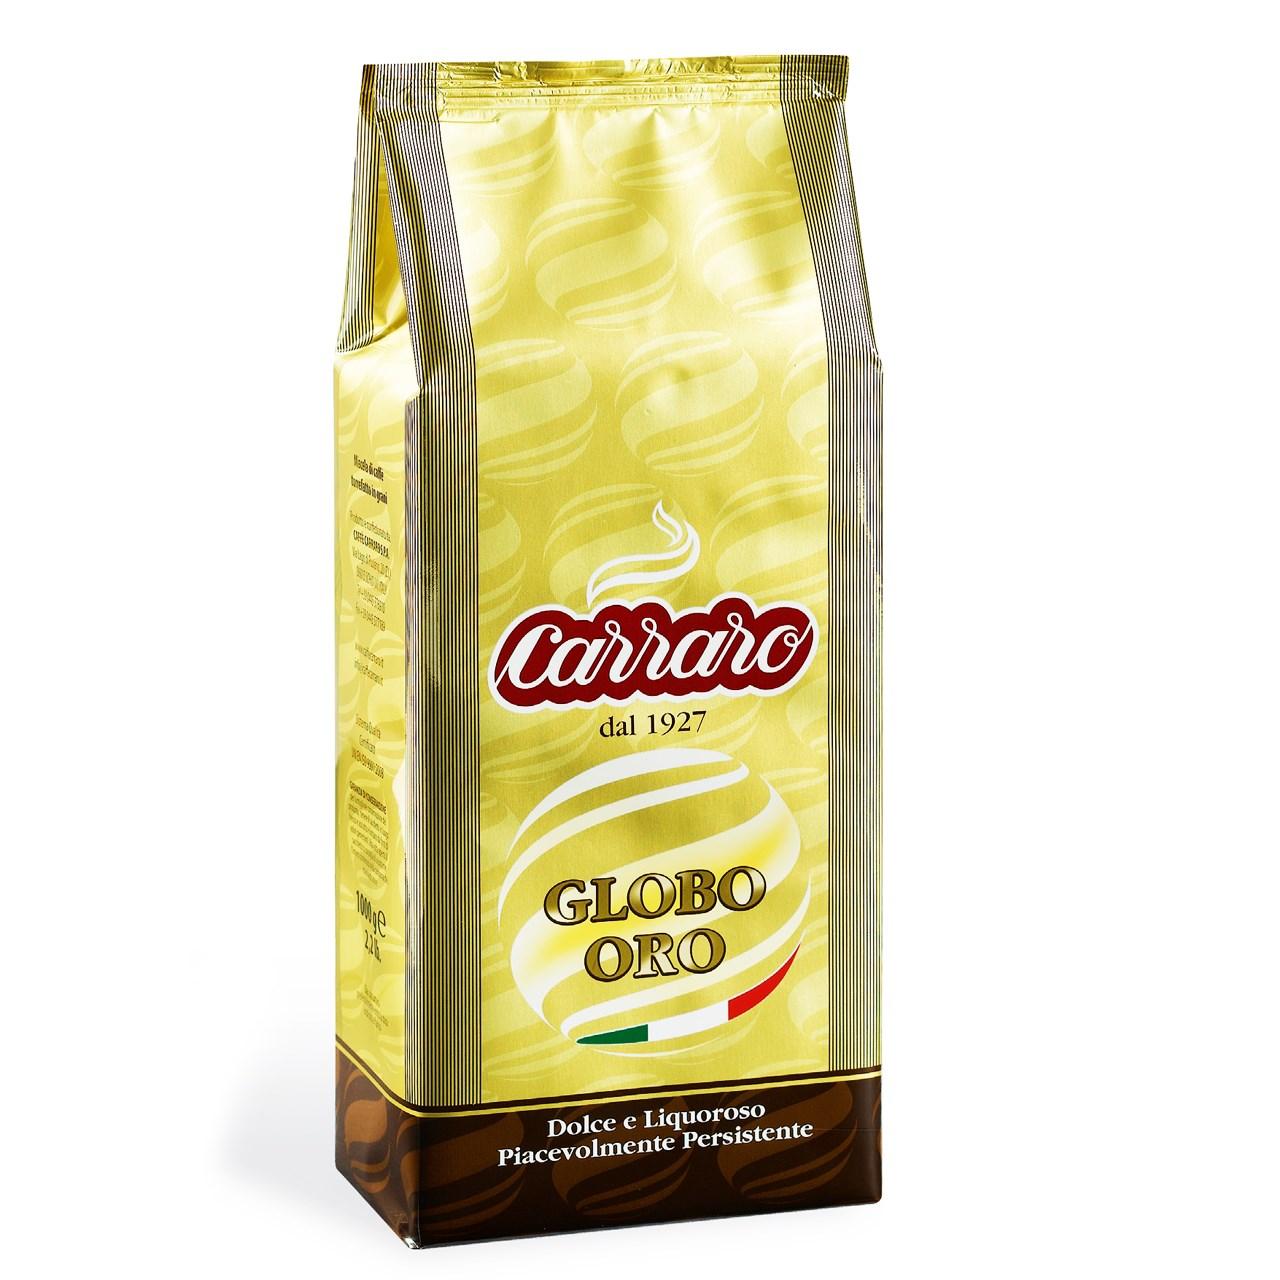 بسته دانه قهوه کارارو مدل GLOBO ORO  مقدار  1000 گرم